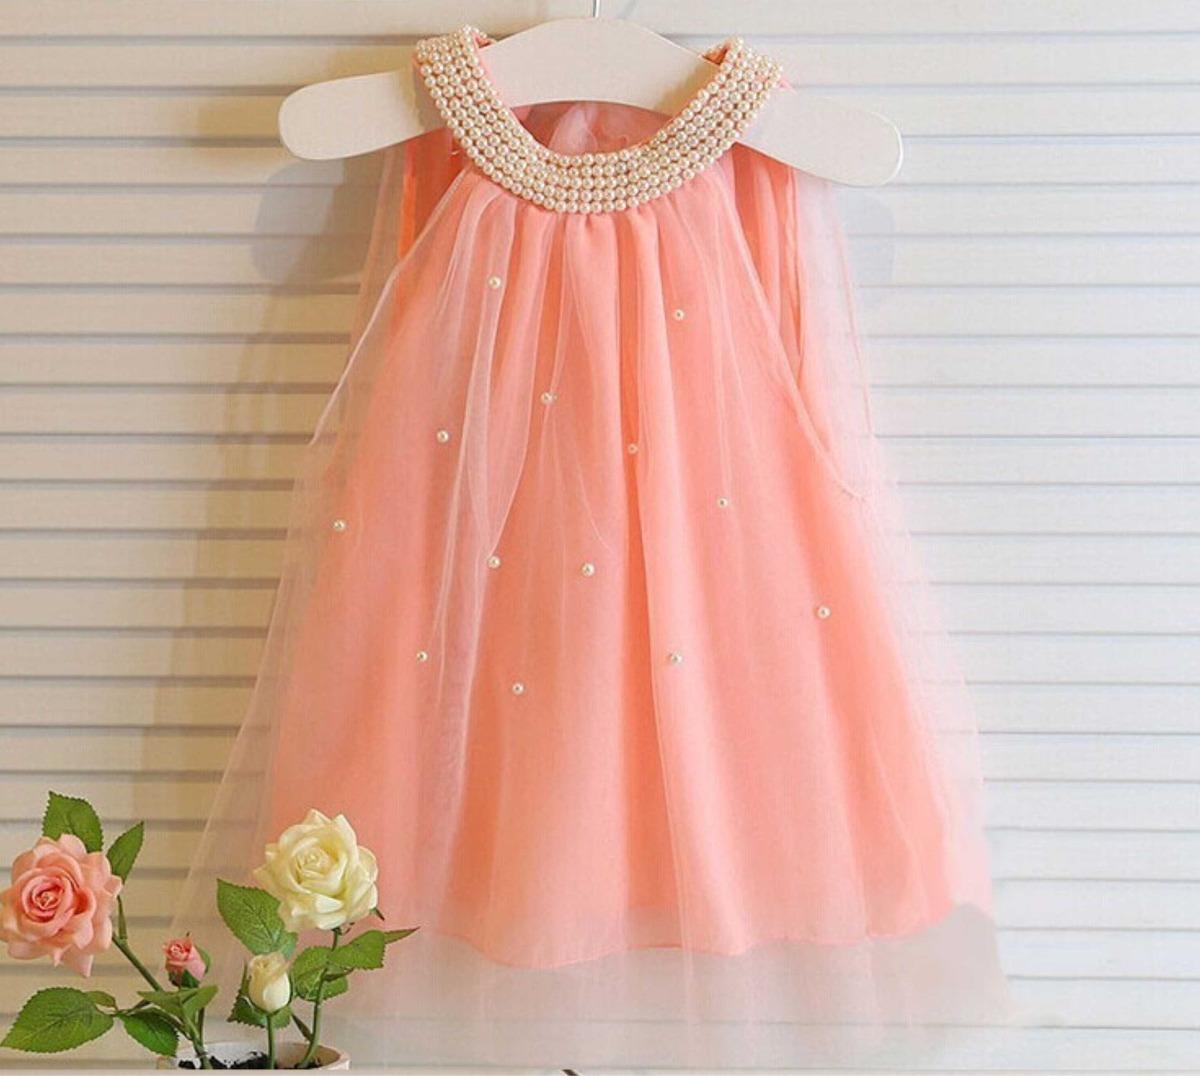 Vestido De Fiesta Nena De Tul Con Perlas En El Escote - $ 570,00 en ...